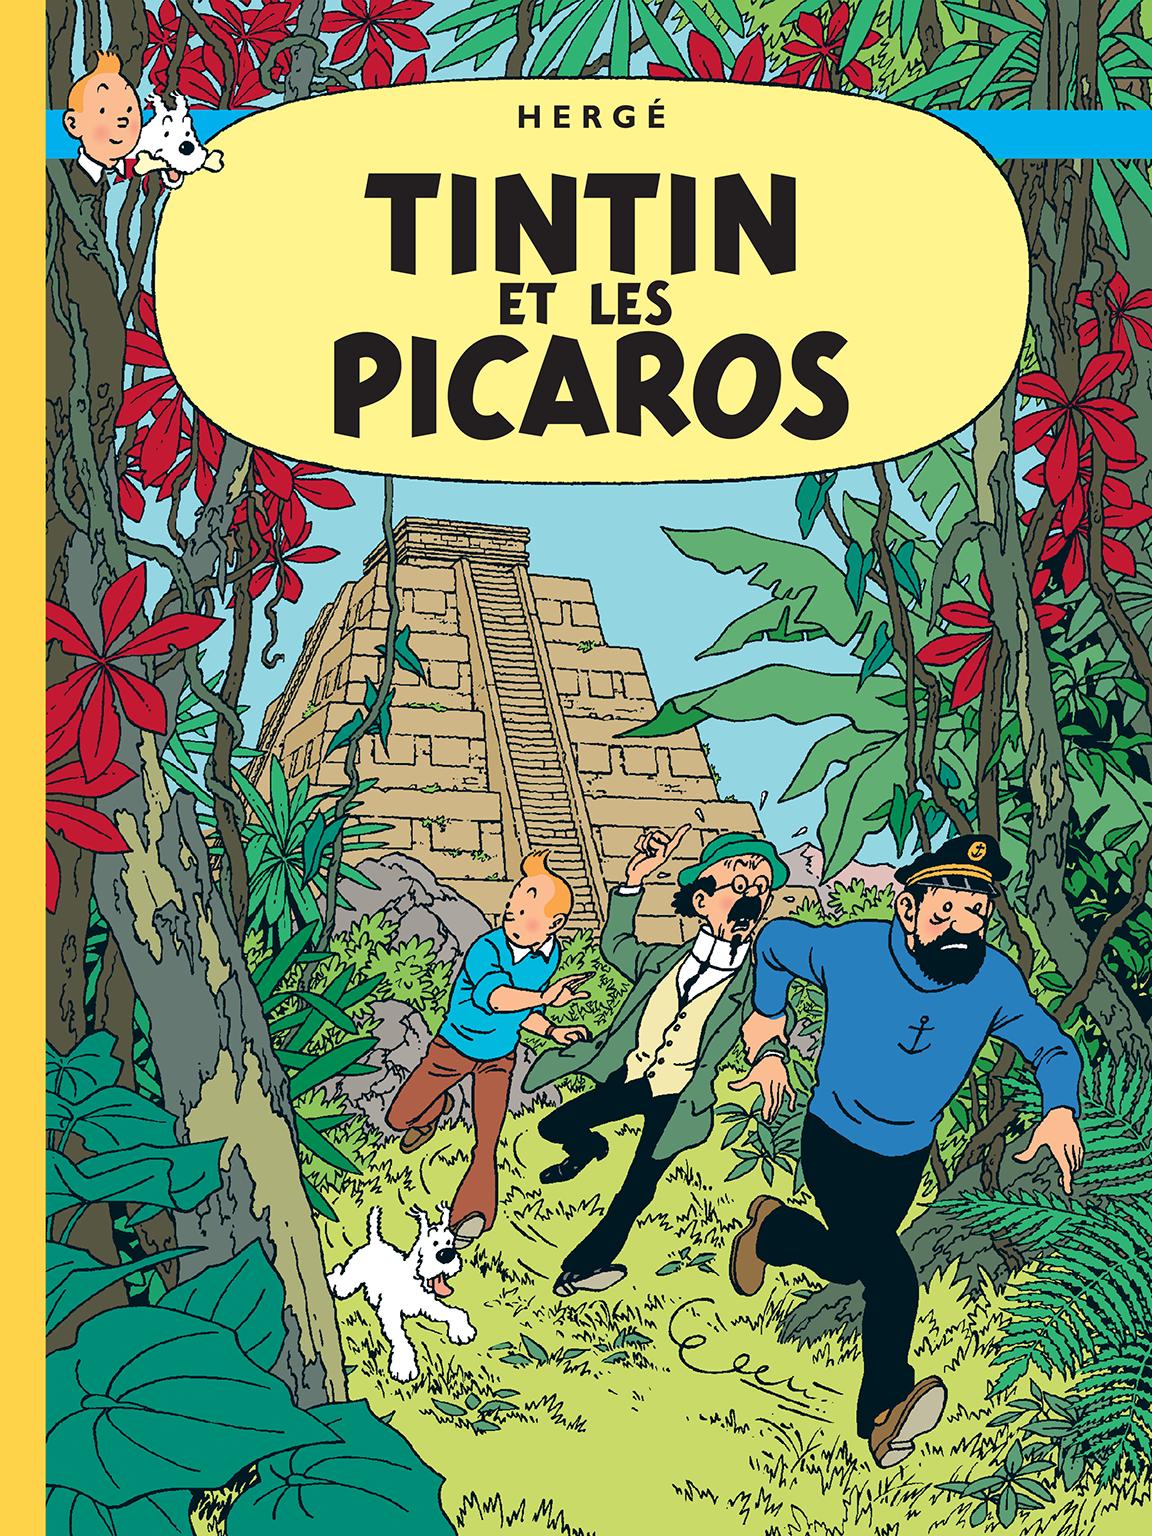 TINTIN and the Picaros Hergé RG tintin.com